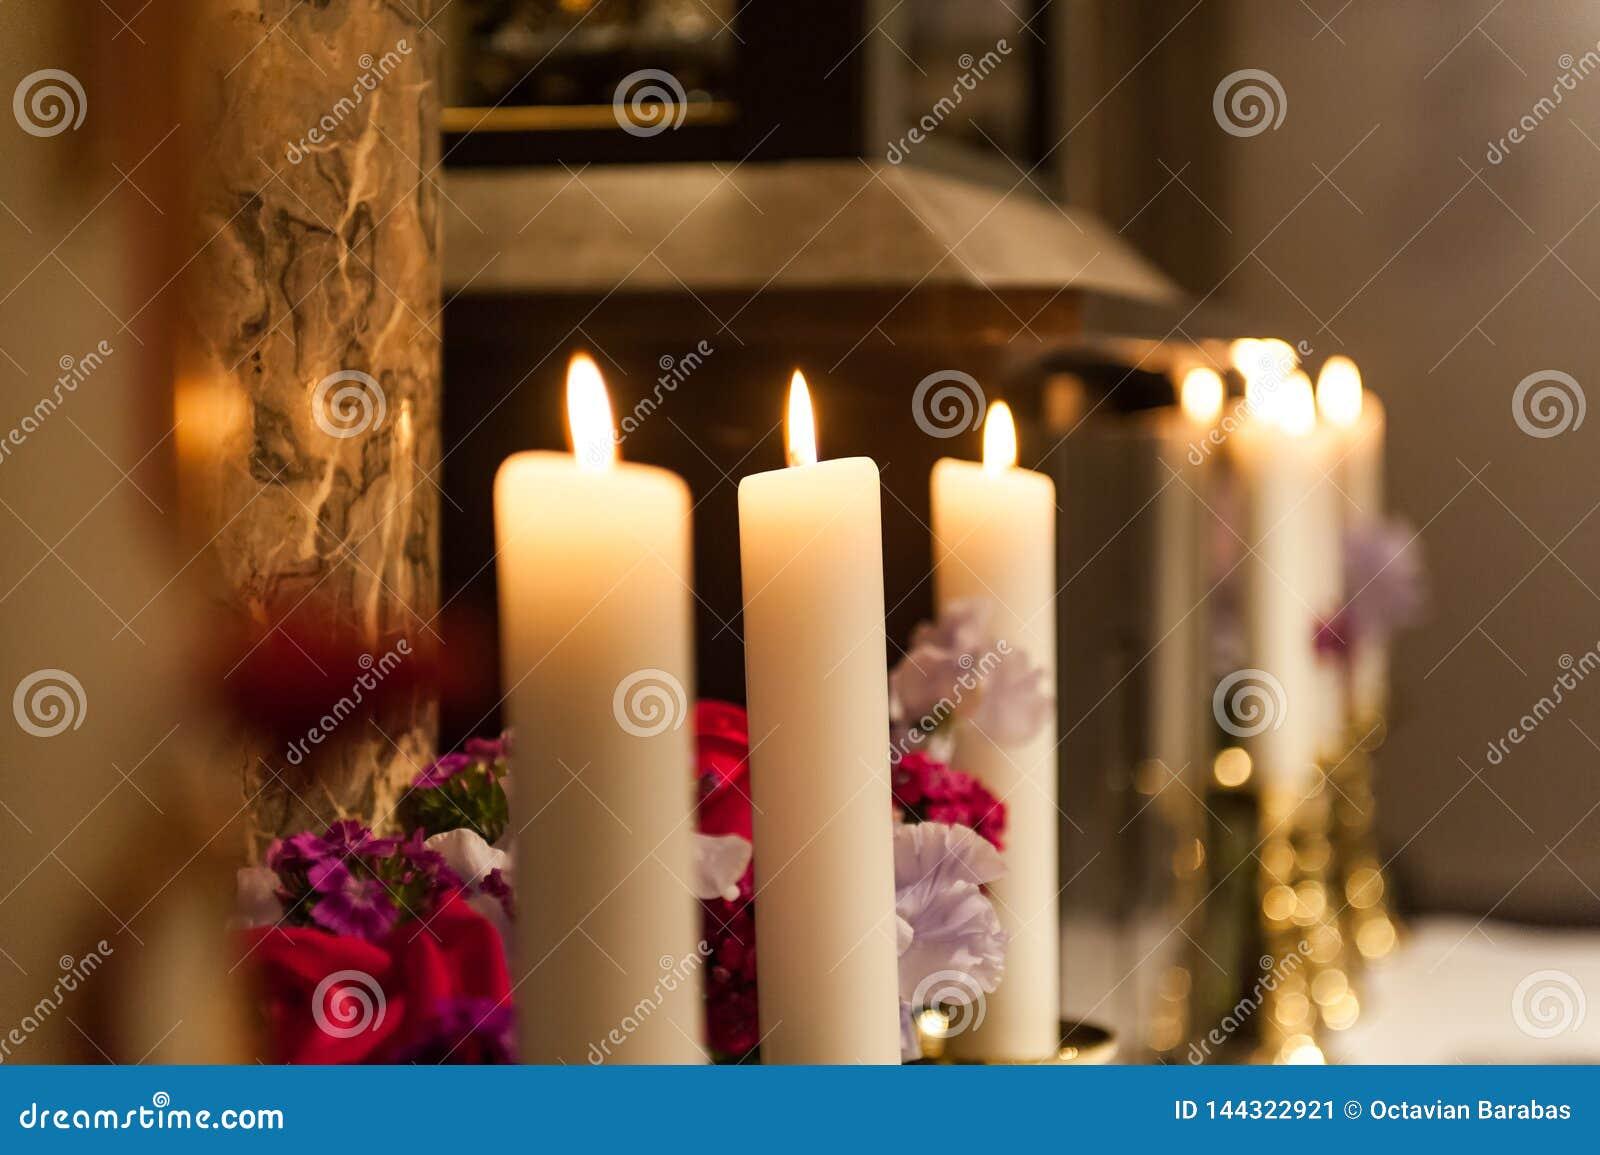 Grandi candele che bruciano nella chiesa con fondo vago